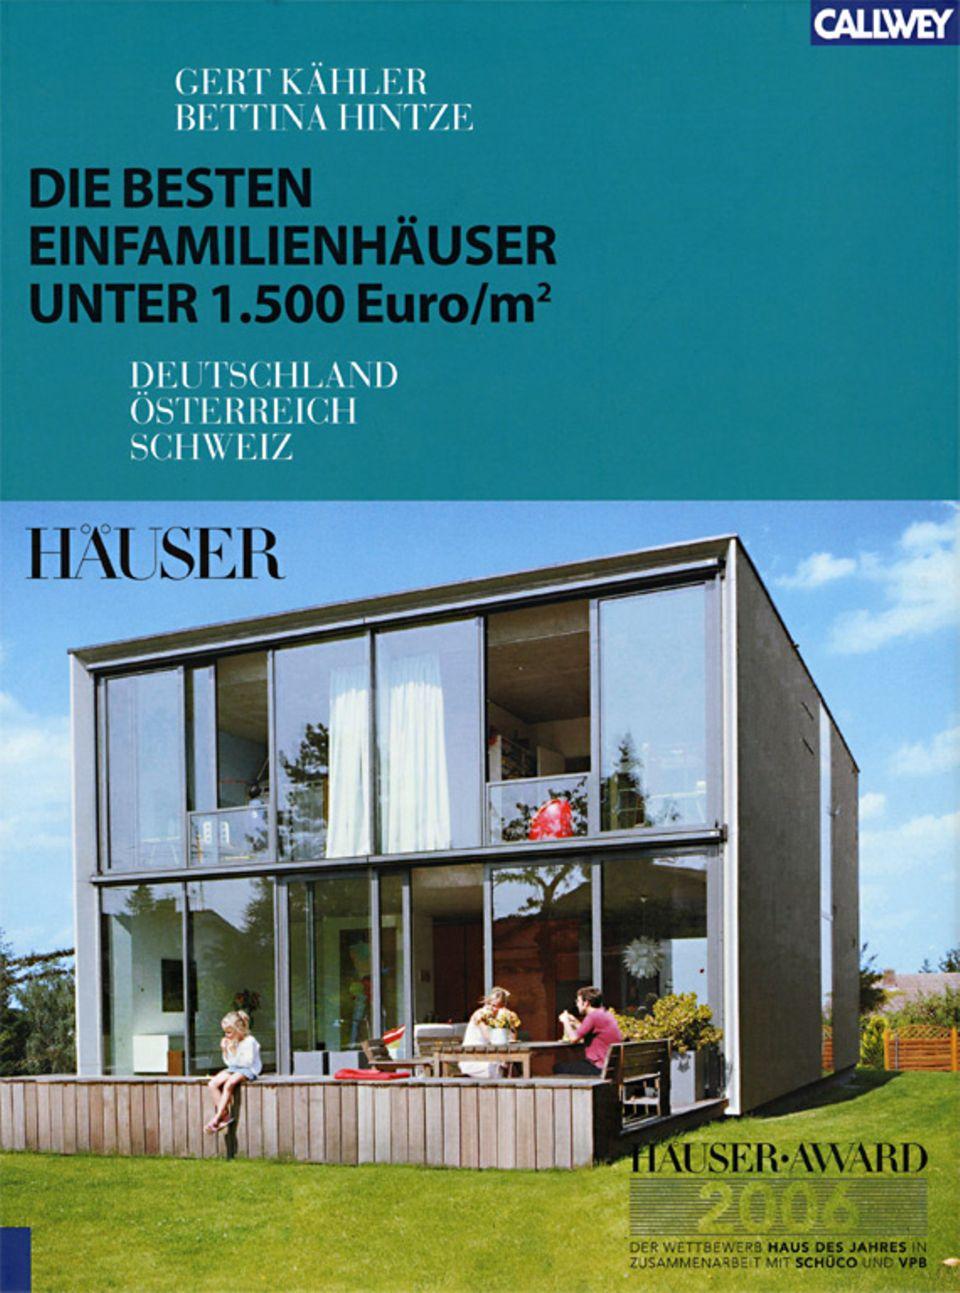 HÄUSER-AWARD 2006: preisgünstig Bauen